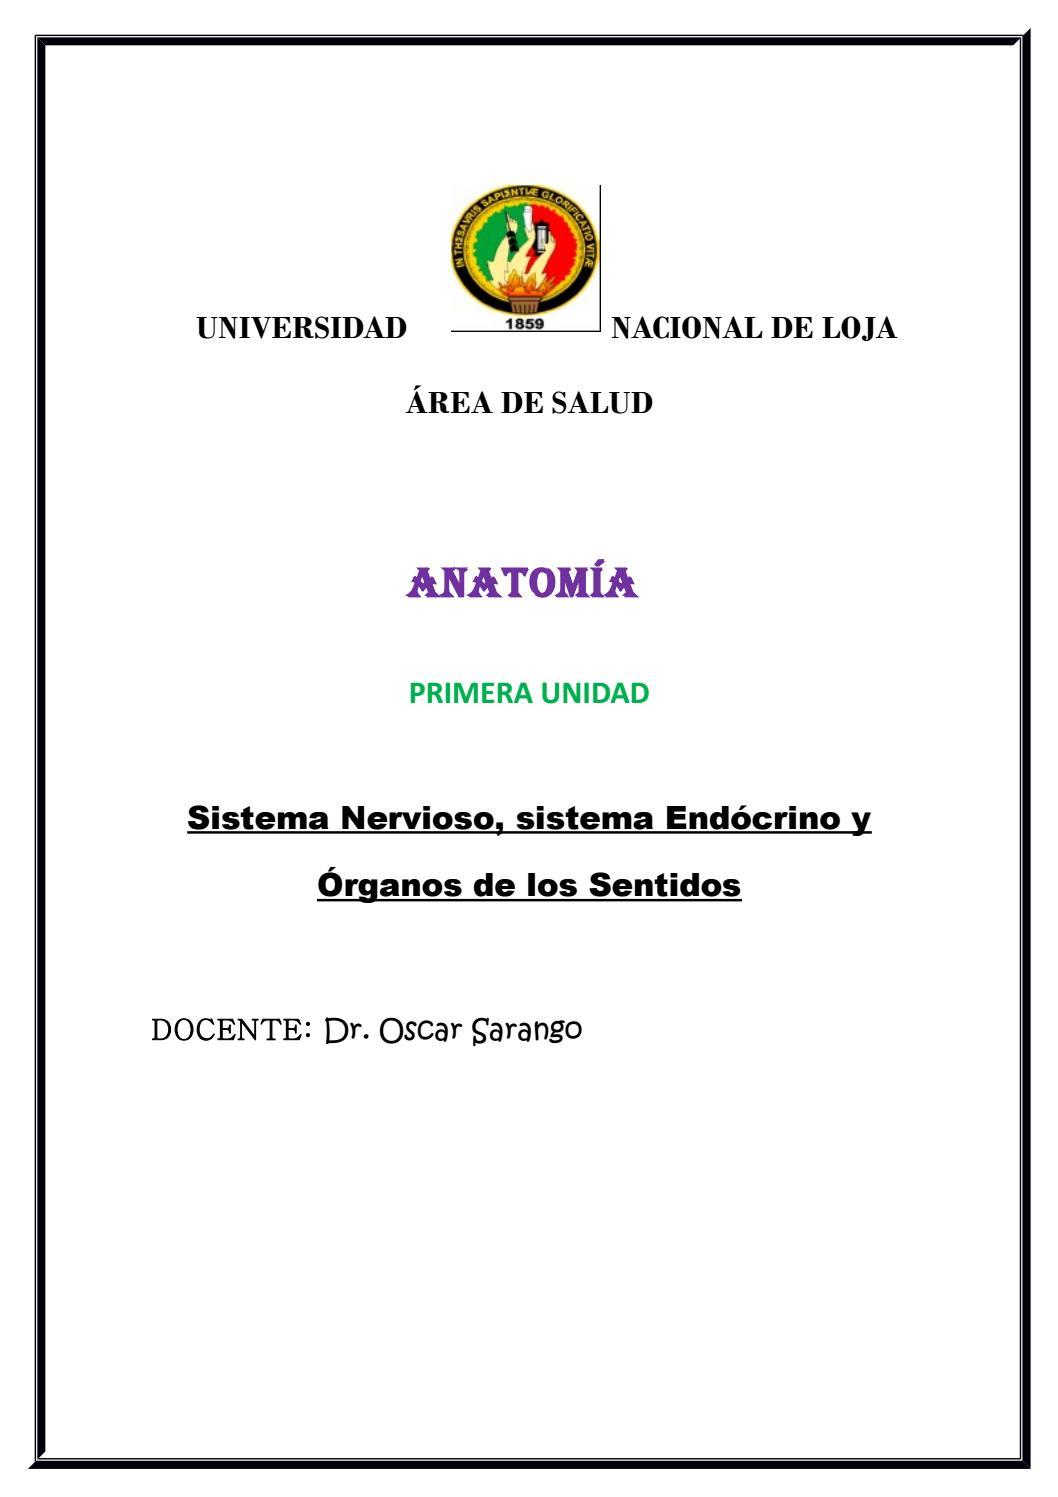 Anatomía I Unidad by Oscar Sarango - issuu